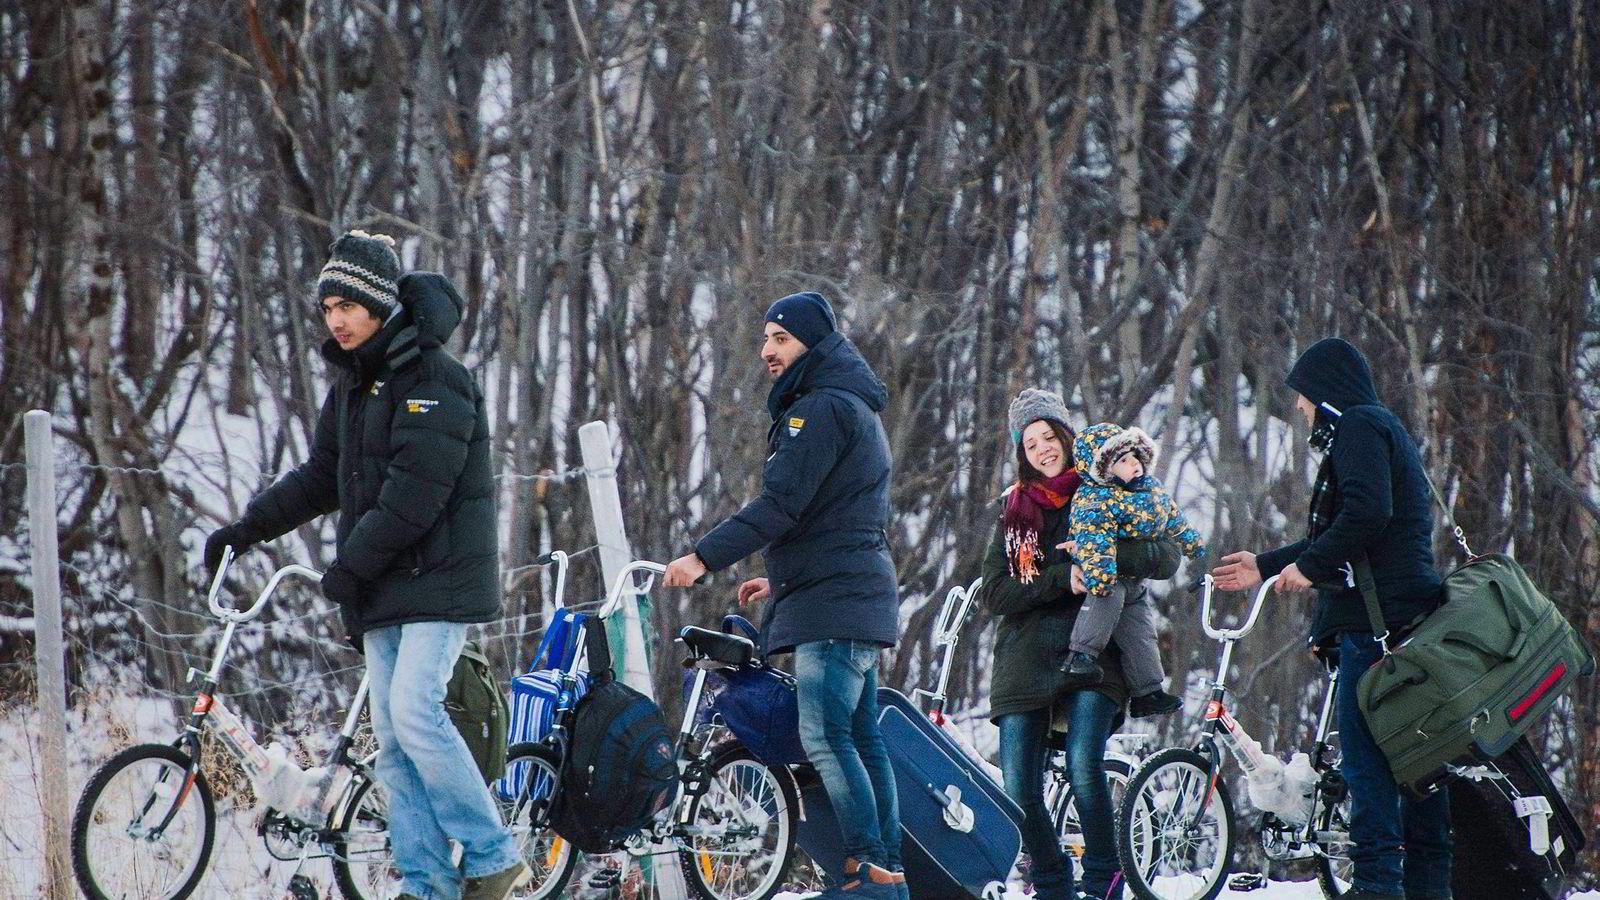 Nylig klaget Amnesty, Helsingfors-komiteen og NOAS på Norge til FN, sekundert av jusprofessor Mads Andenæs. Saken gjelder at de som kommer over grensen ved Storskog fra Russland ikke skal få lov å søke asyl i Norge fordi de kommer fra et land hvor de enten har opphold eller turistvisum. Om de skal søke asyl noe sted, må det bli i Russland, skriver artikkelforfatteren. Foto: Jonathan Nackstrand/AFP Photo